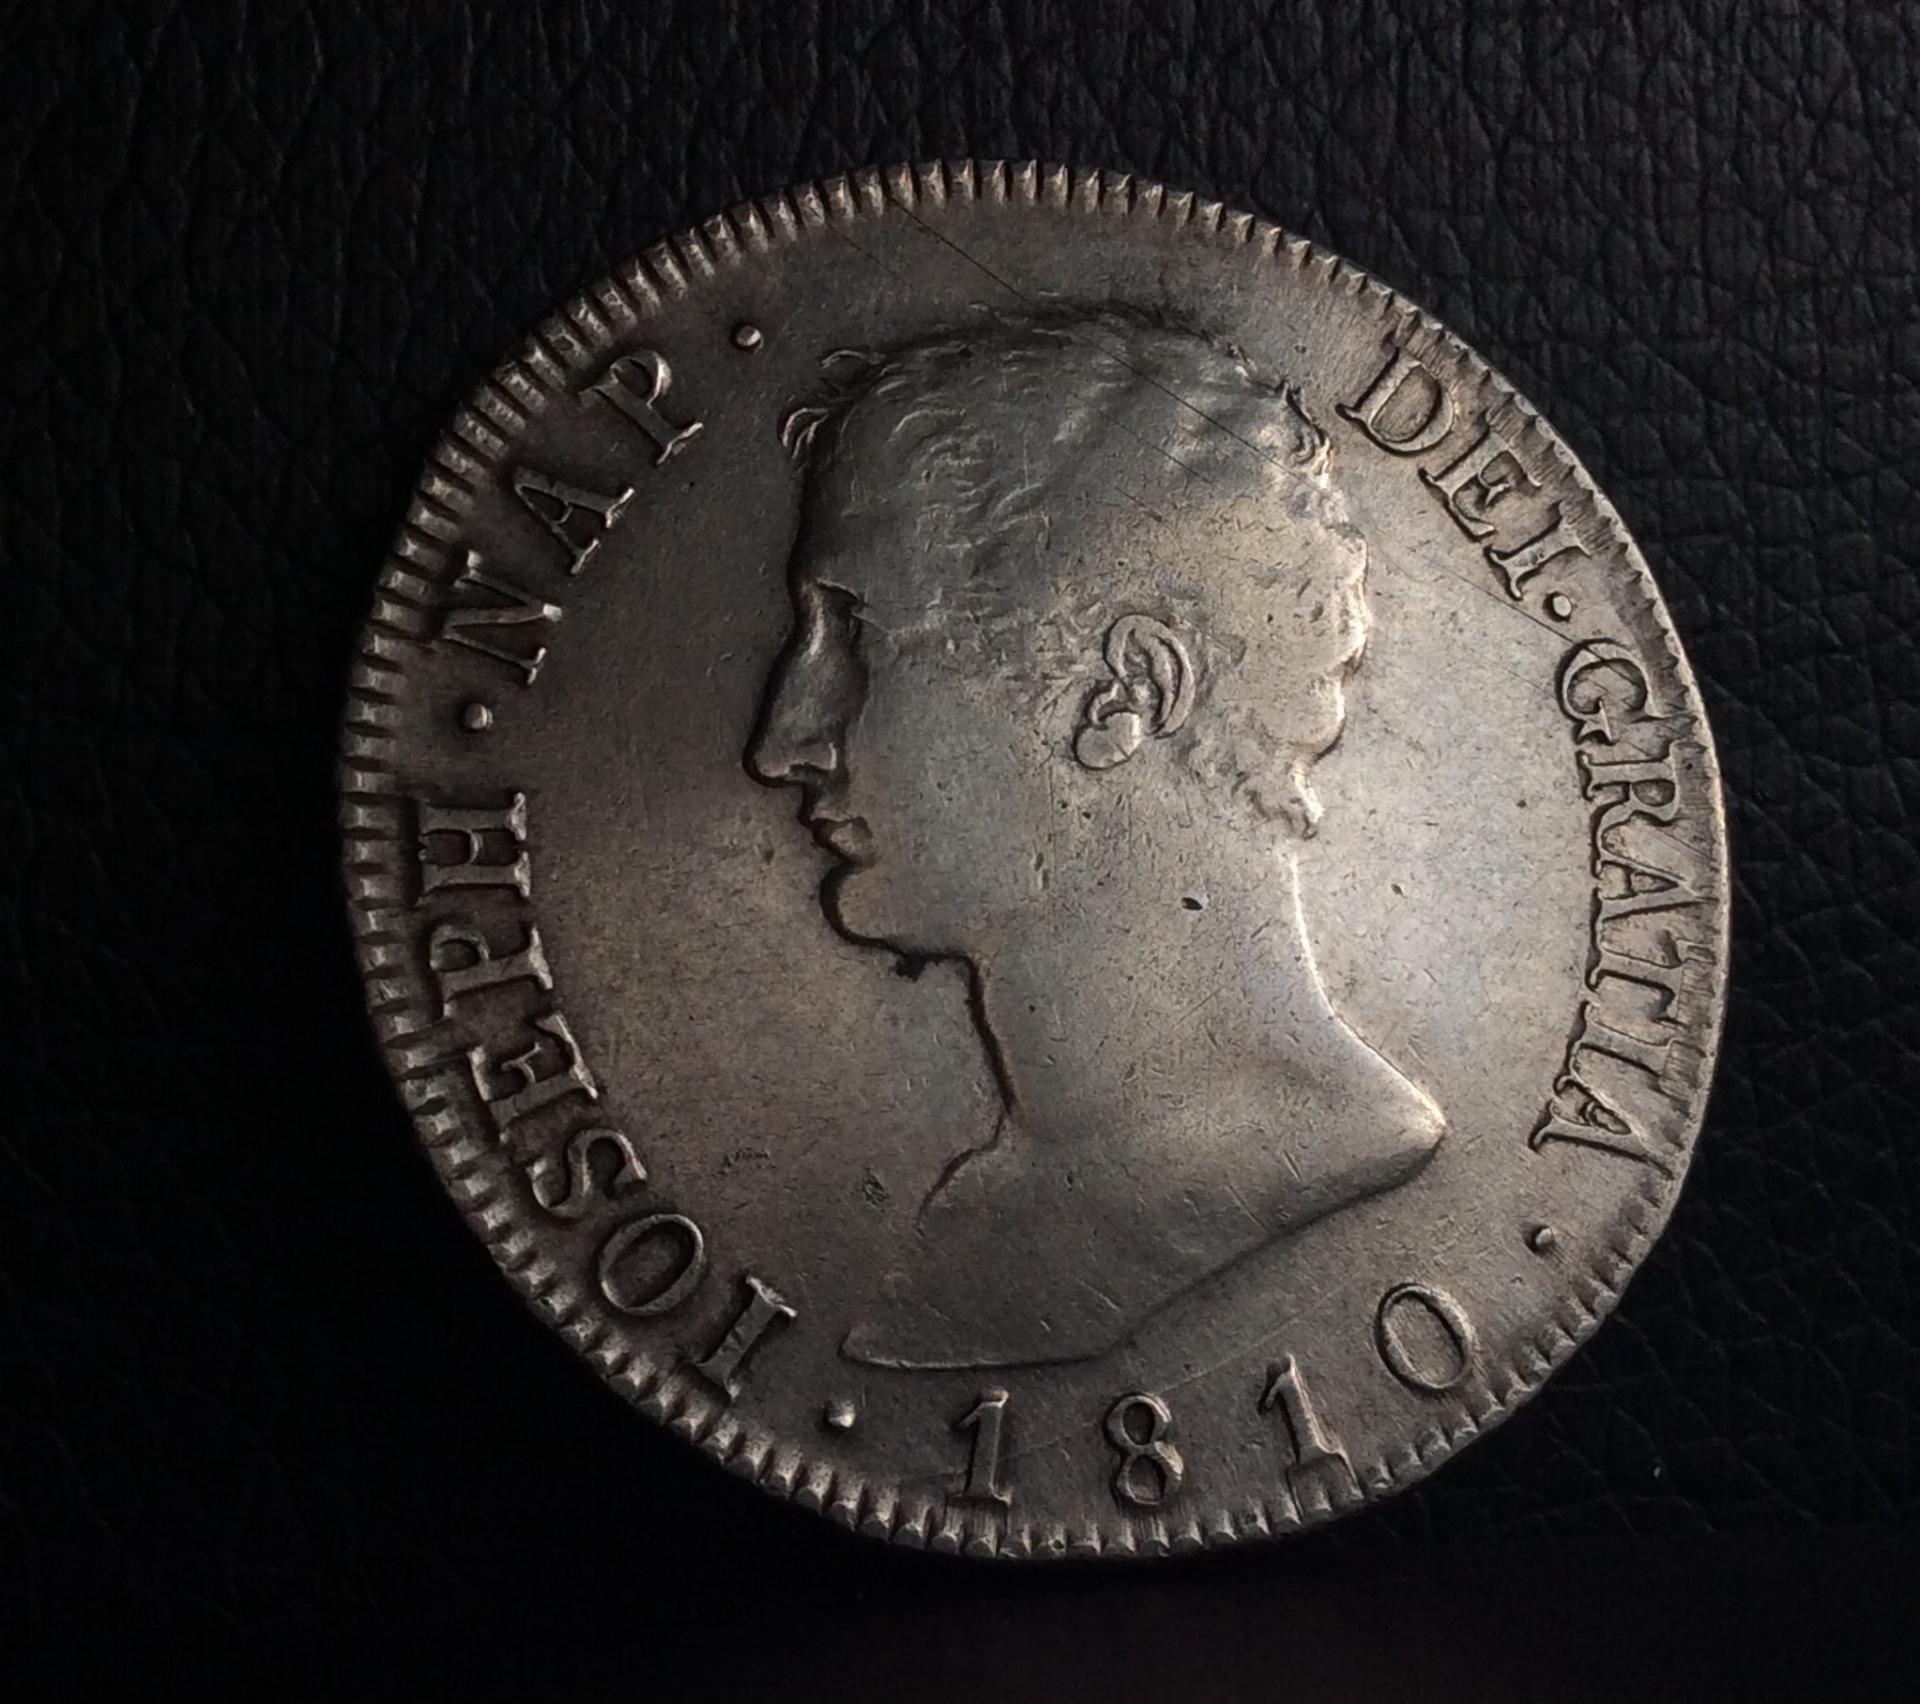 8 REALES 1810 - JOSÉ I NAPOLEÓN BONAPARTE - MADRID AI